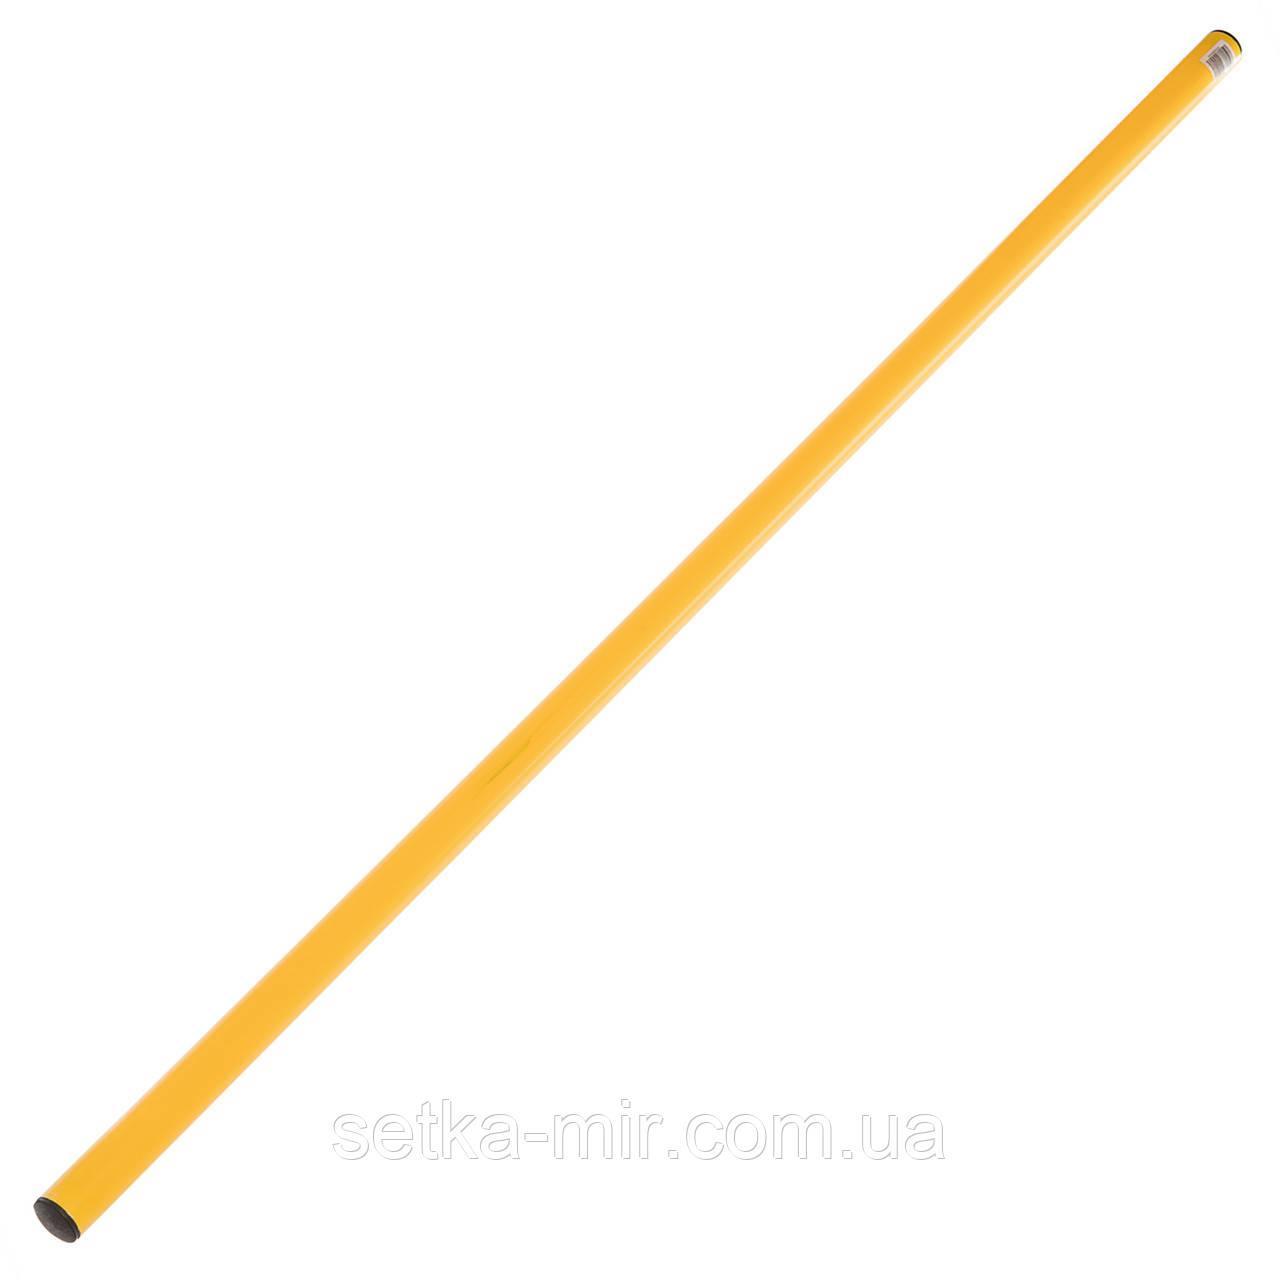 Палка гімнастична тренувальна (штанга) пластик 1м, кольори в асортименті